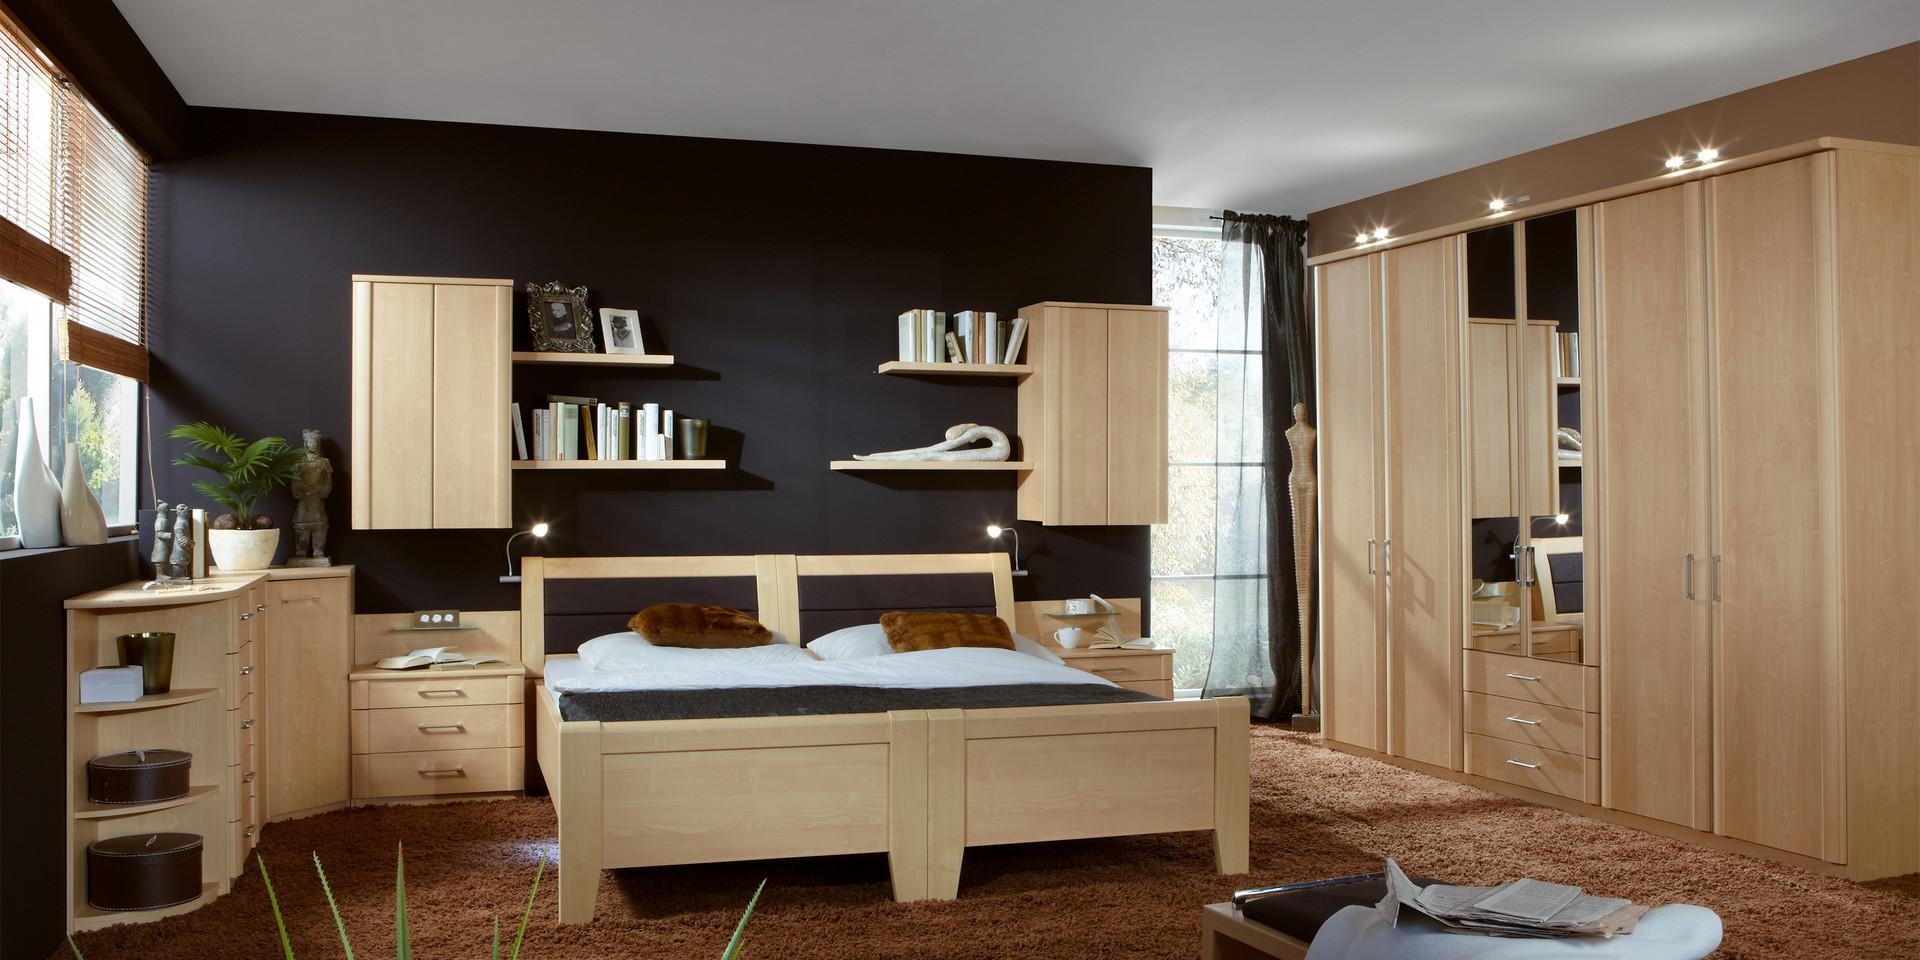 Full Size of Schlafzimmer Mit überbau Erleben Sie Das Luxor 3 4 Mbelhersteller Wiemann Kleine Bäder Dusche Komplett Günstig Bett Rutsche 2 Sitzer Sofa Schlaffunktion Schlafzimmer Schlafzimmer Mit überbau